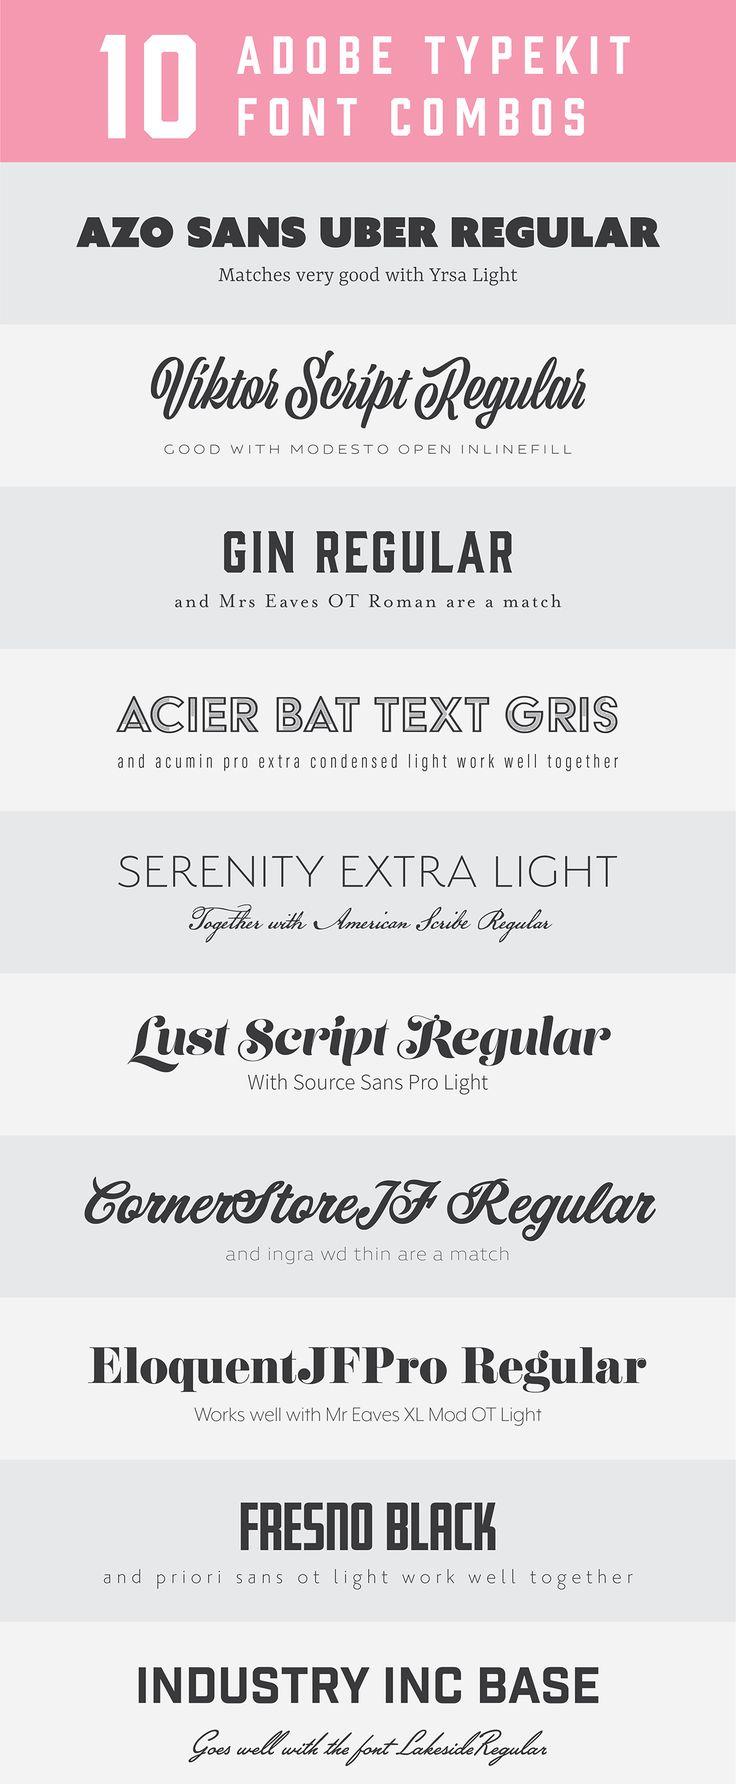 Adobe typekit font combos